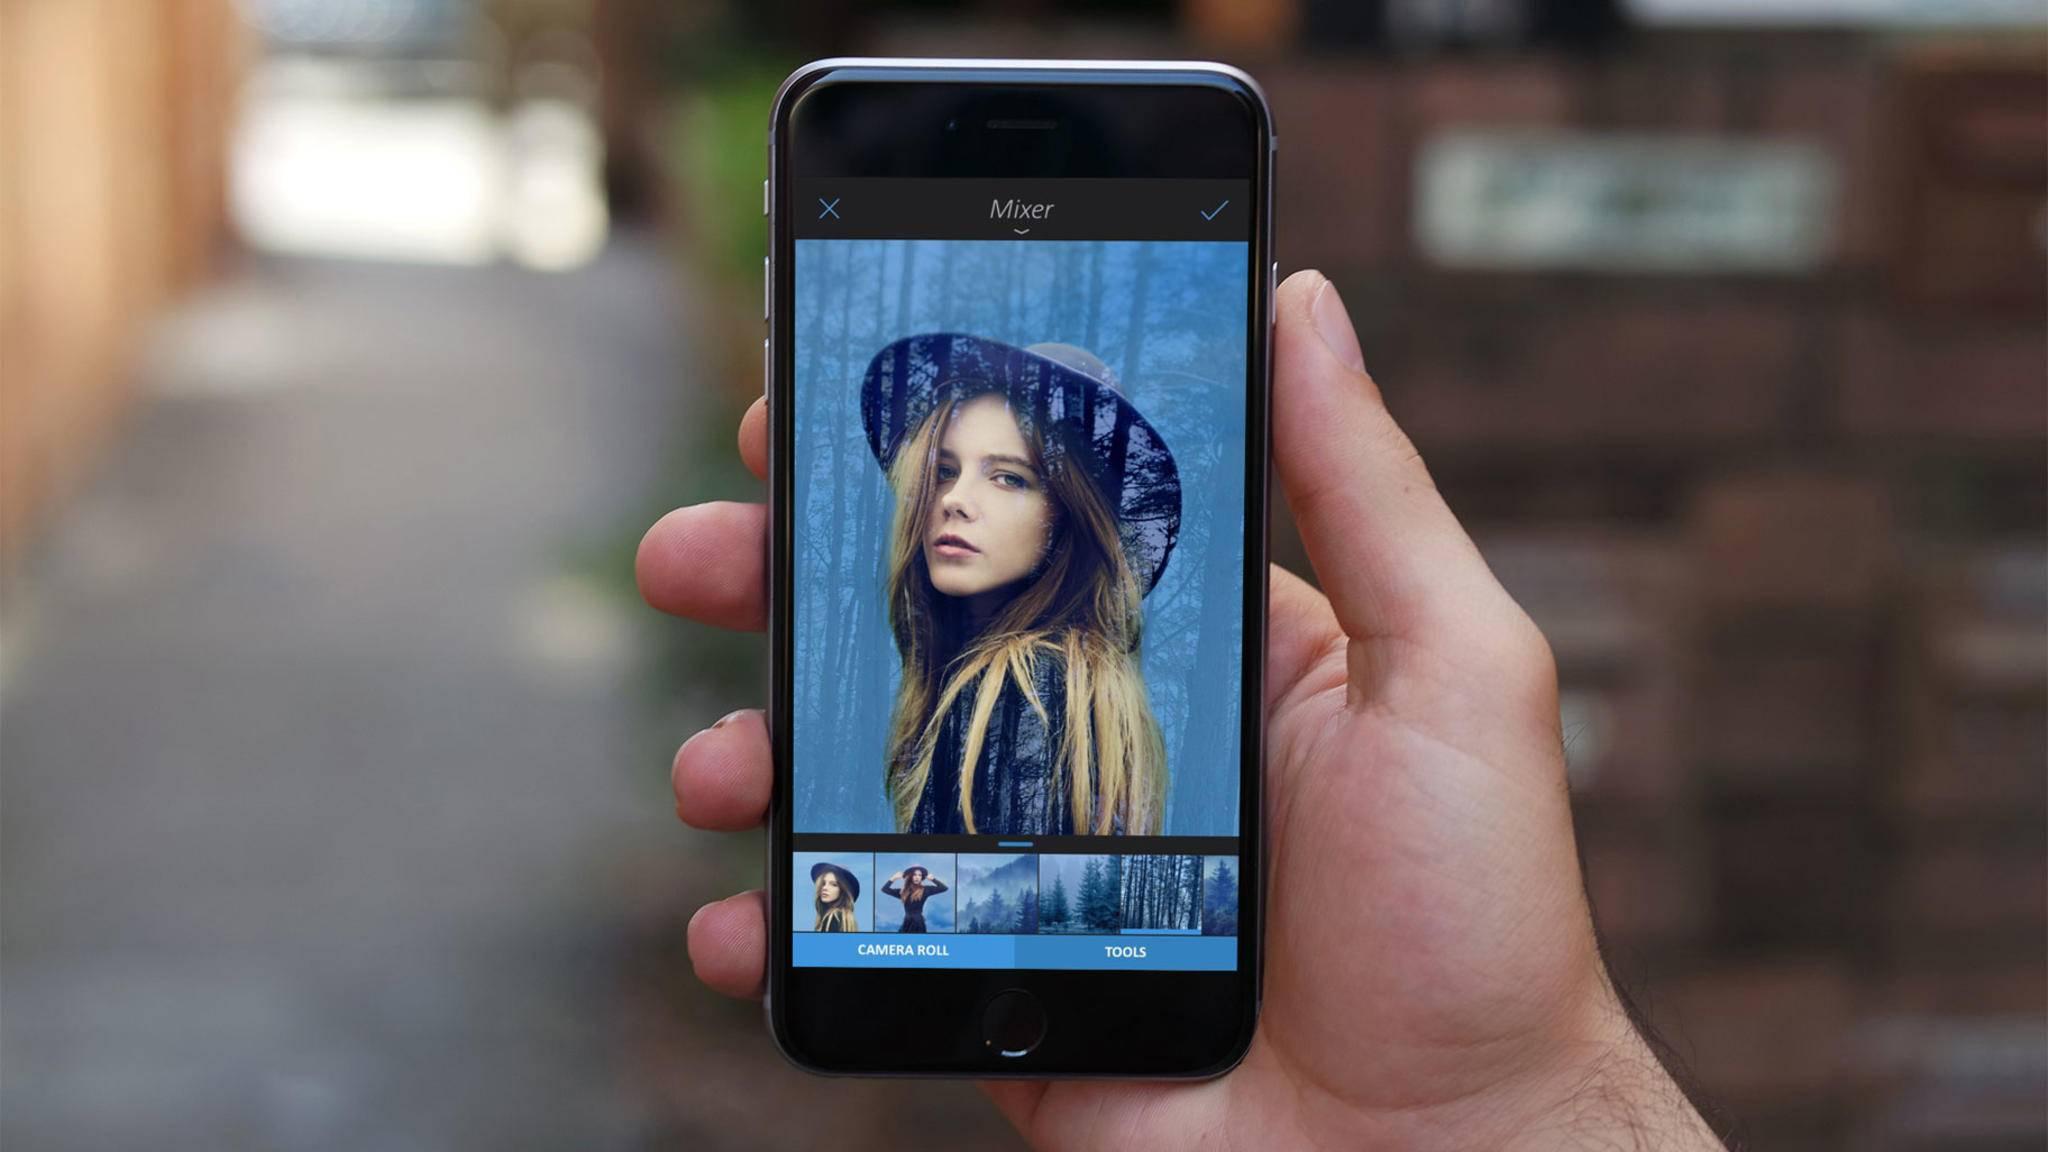 Drittanbieter-Apps wie Enlight bieten umfangreiche Optionen für die Bildbearbeitung auf dem iPhone.